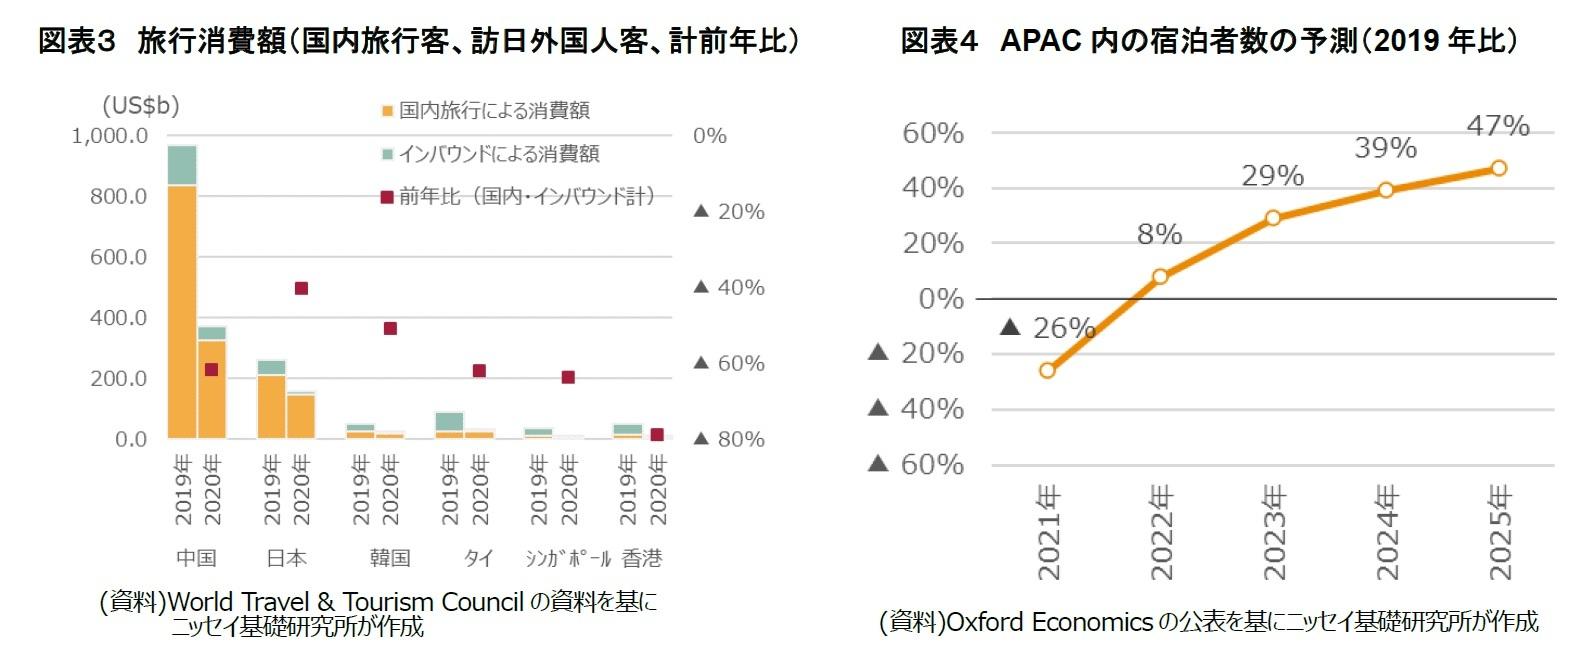 図表3 旅行消費額(国内旅行客、訪日外国人客、計前年比)/図表4 APAC内の宿泊者数の予測(2019年比)